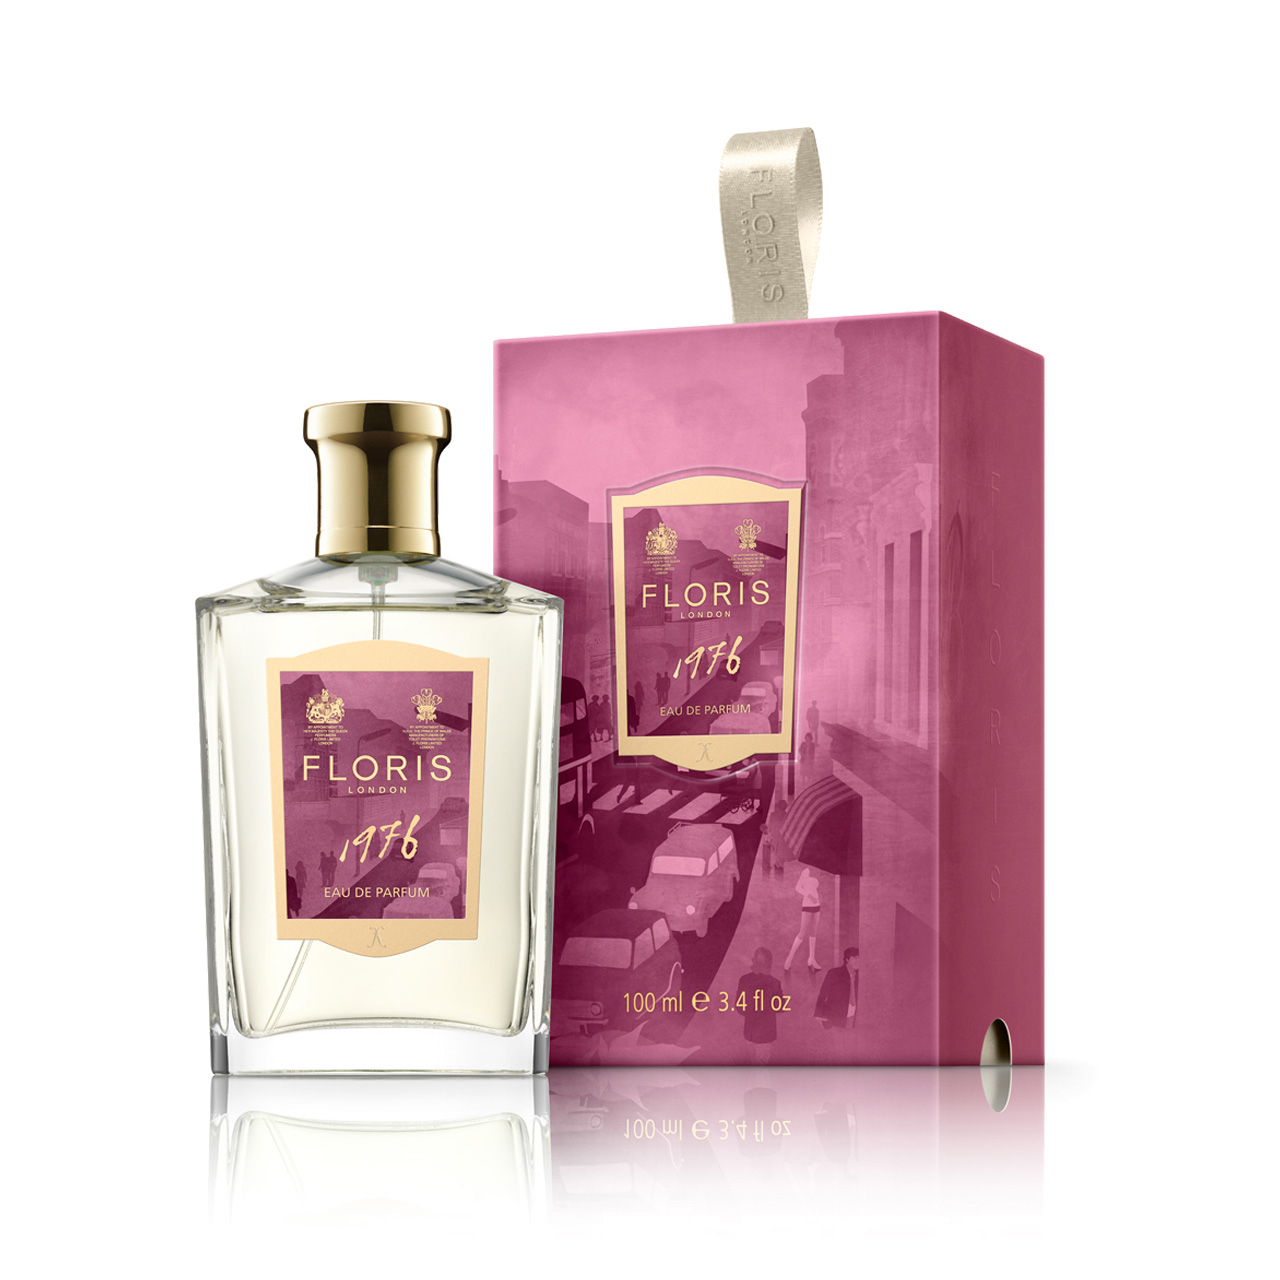 1976 - Eau de Parfum - Private Collection